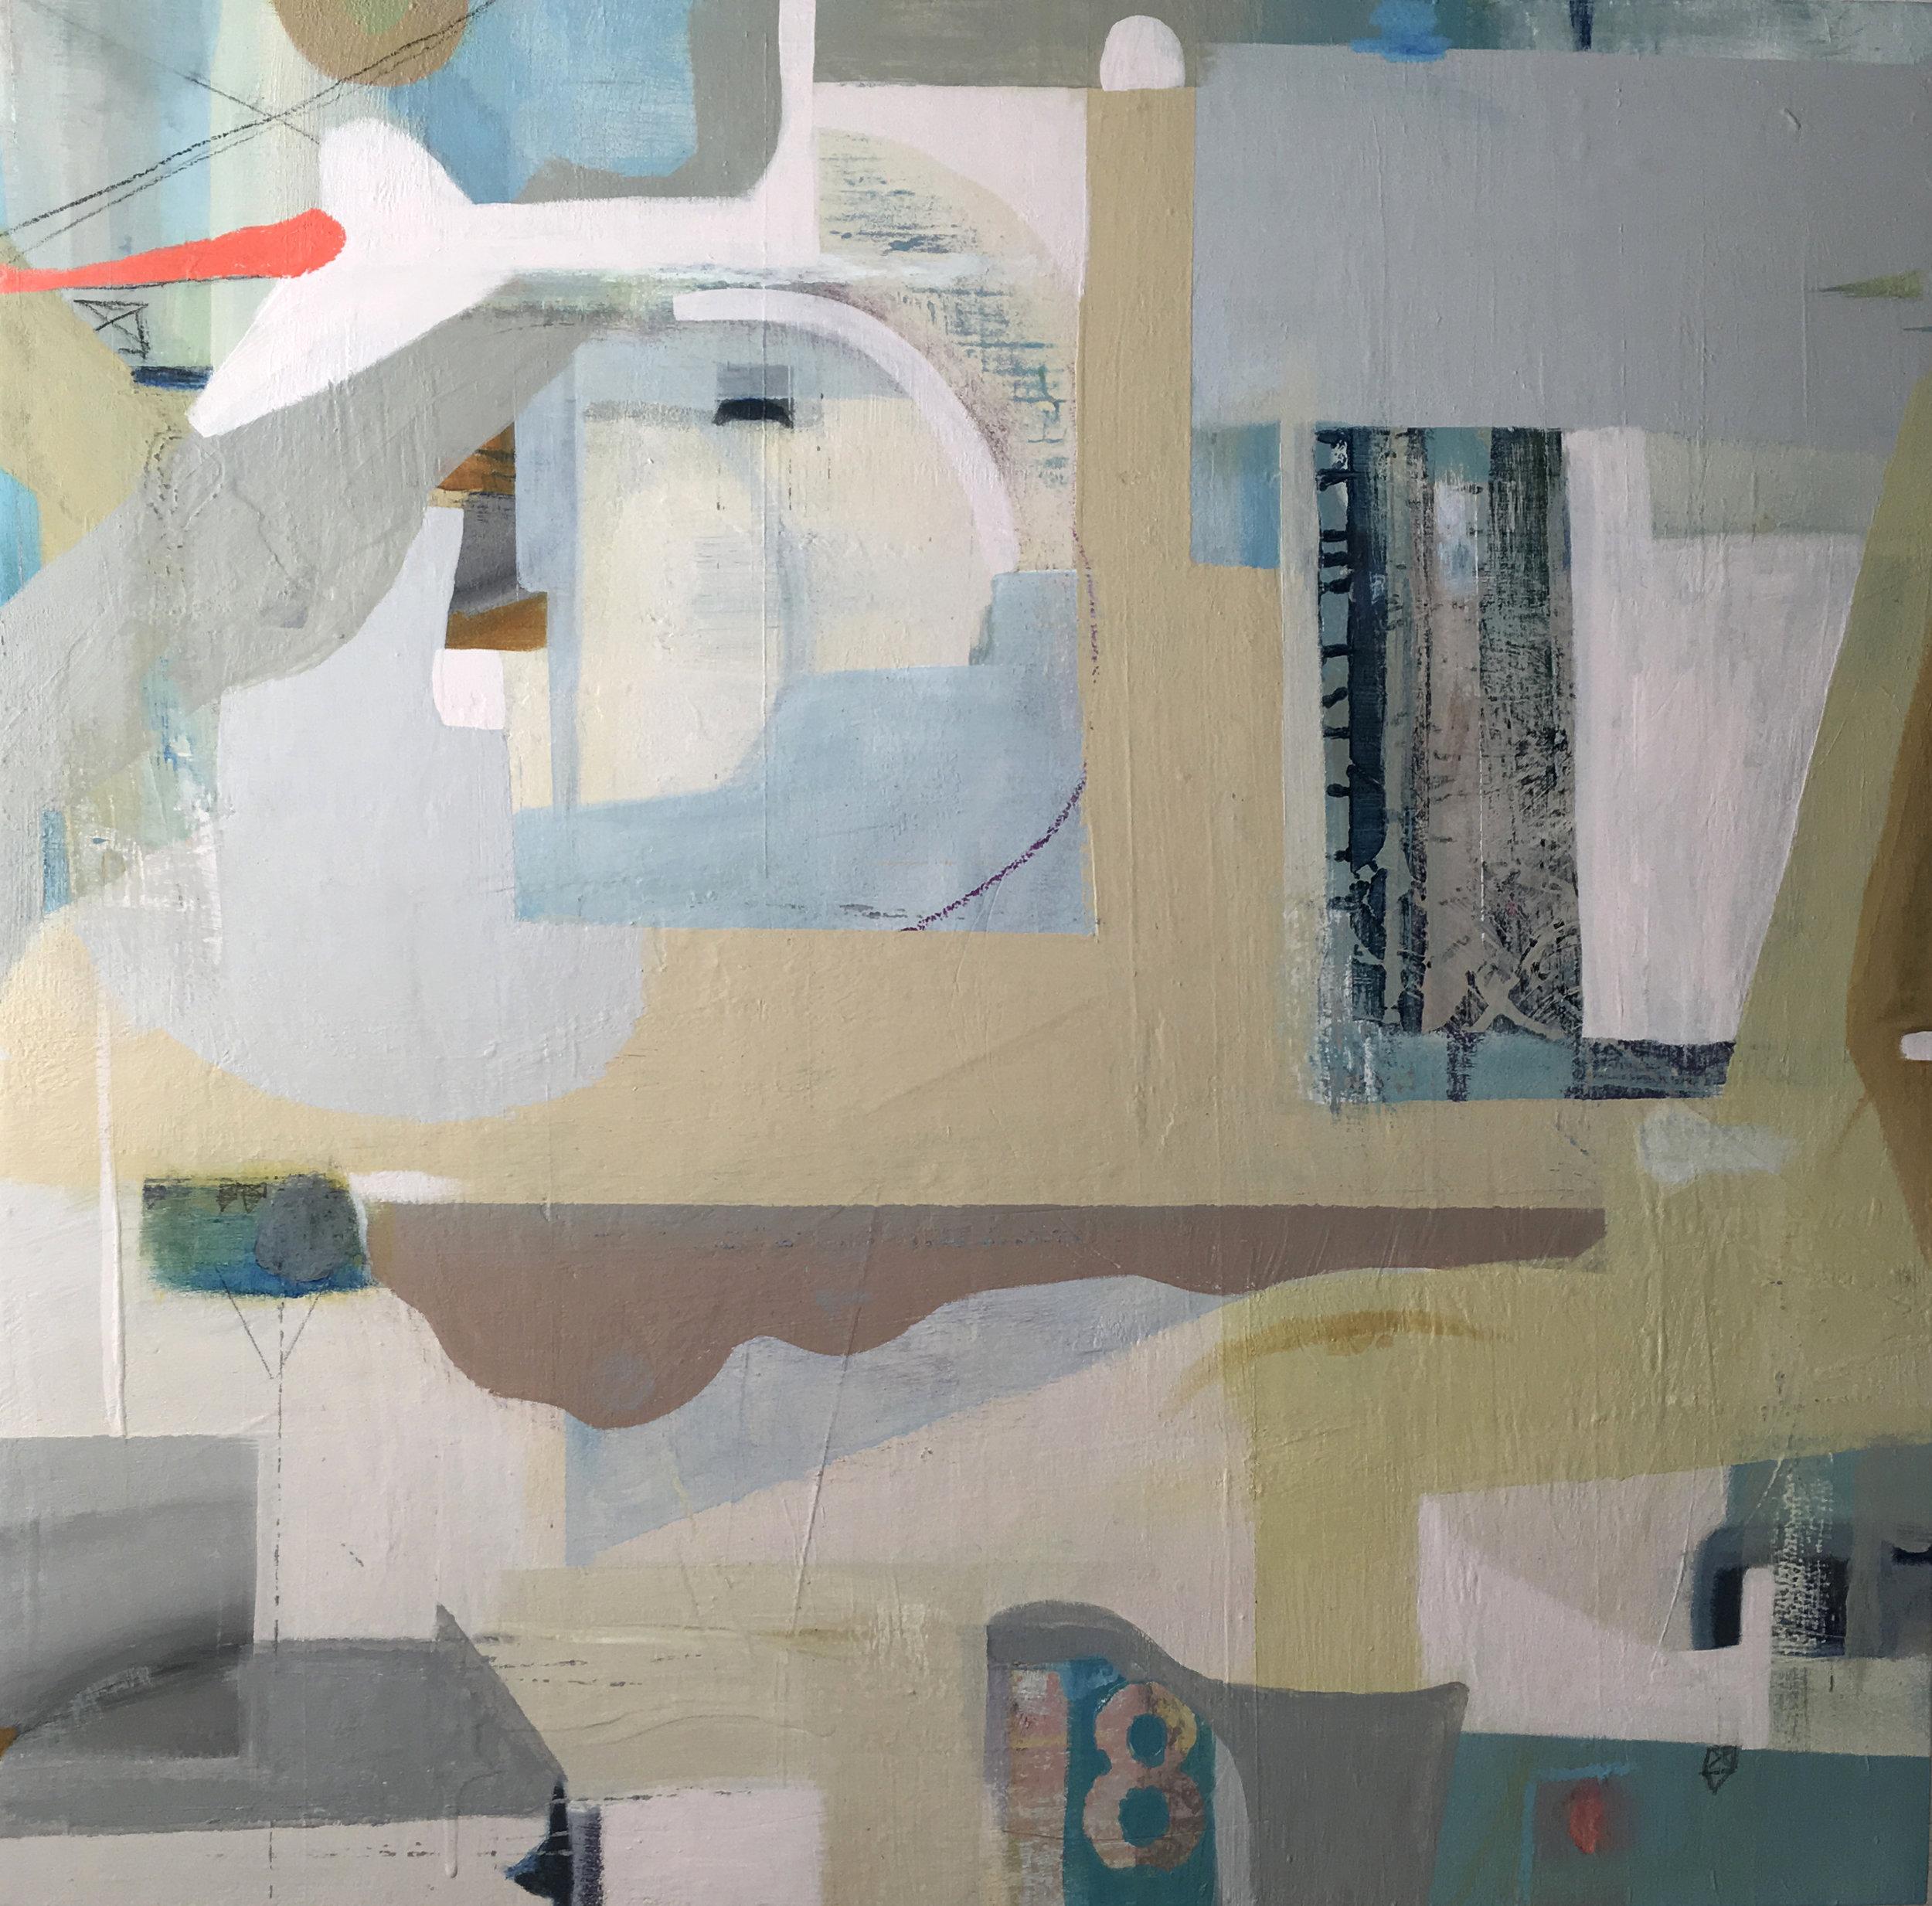 OERSIBNAK NARRATIVE, Acrylic, 36x36